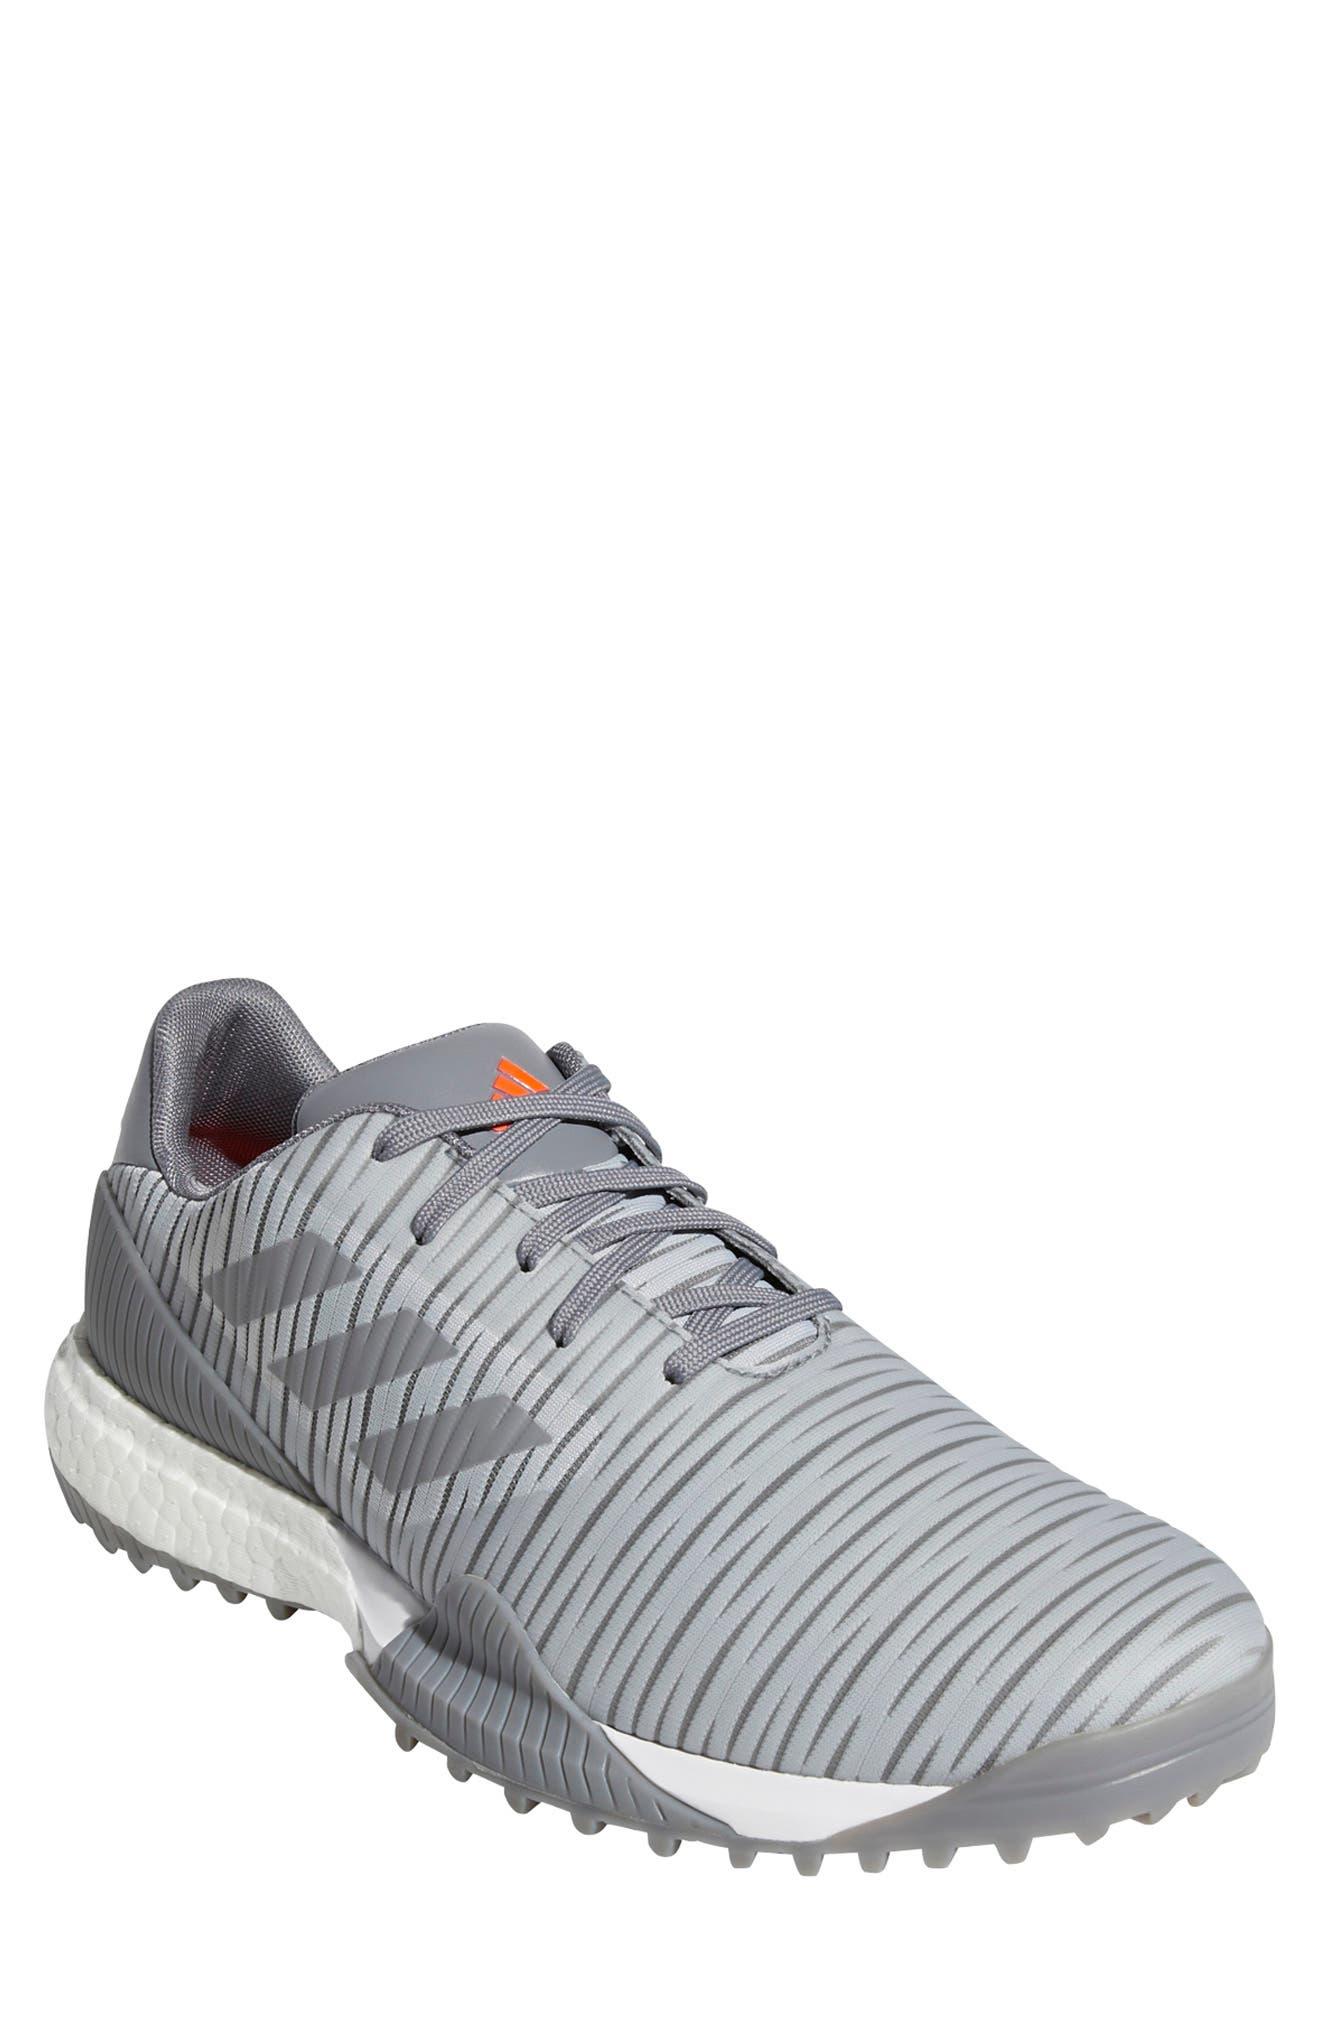 Men's Adidas Codechaos Sport Waterproof Spikeless Golf Shoe